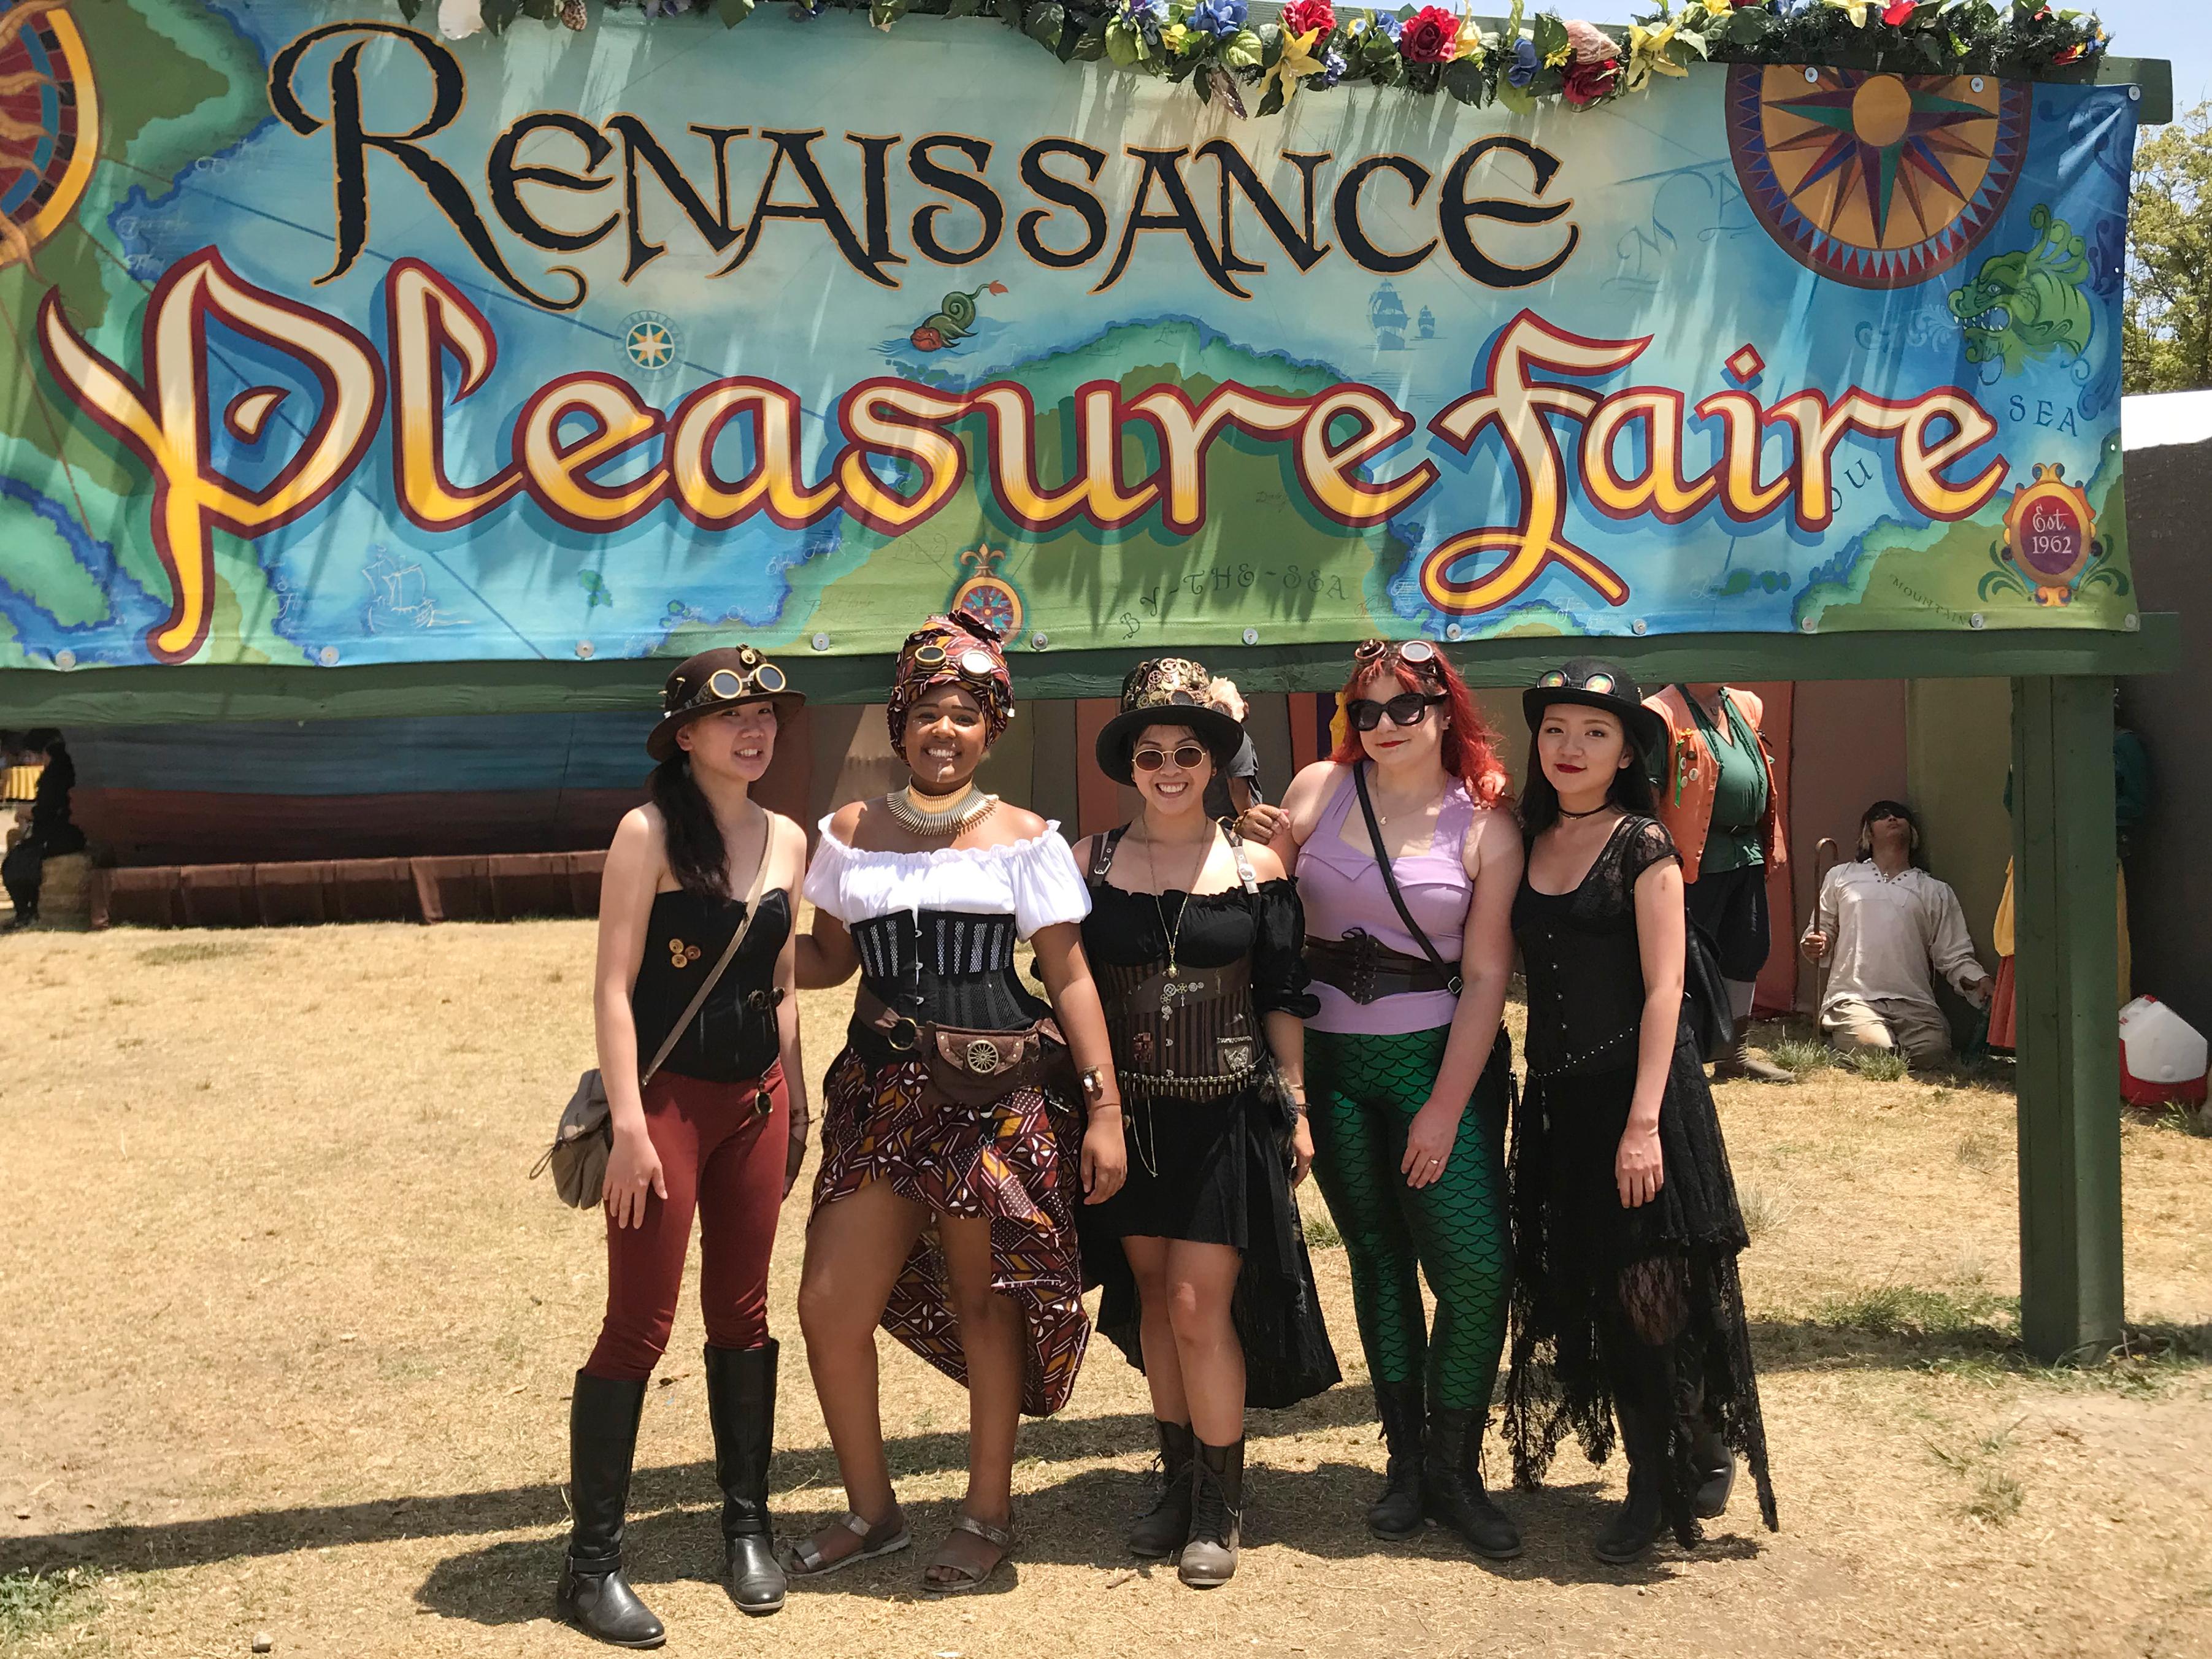 DIY Steampunk Renaissance Costume faire